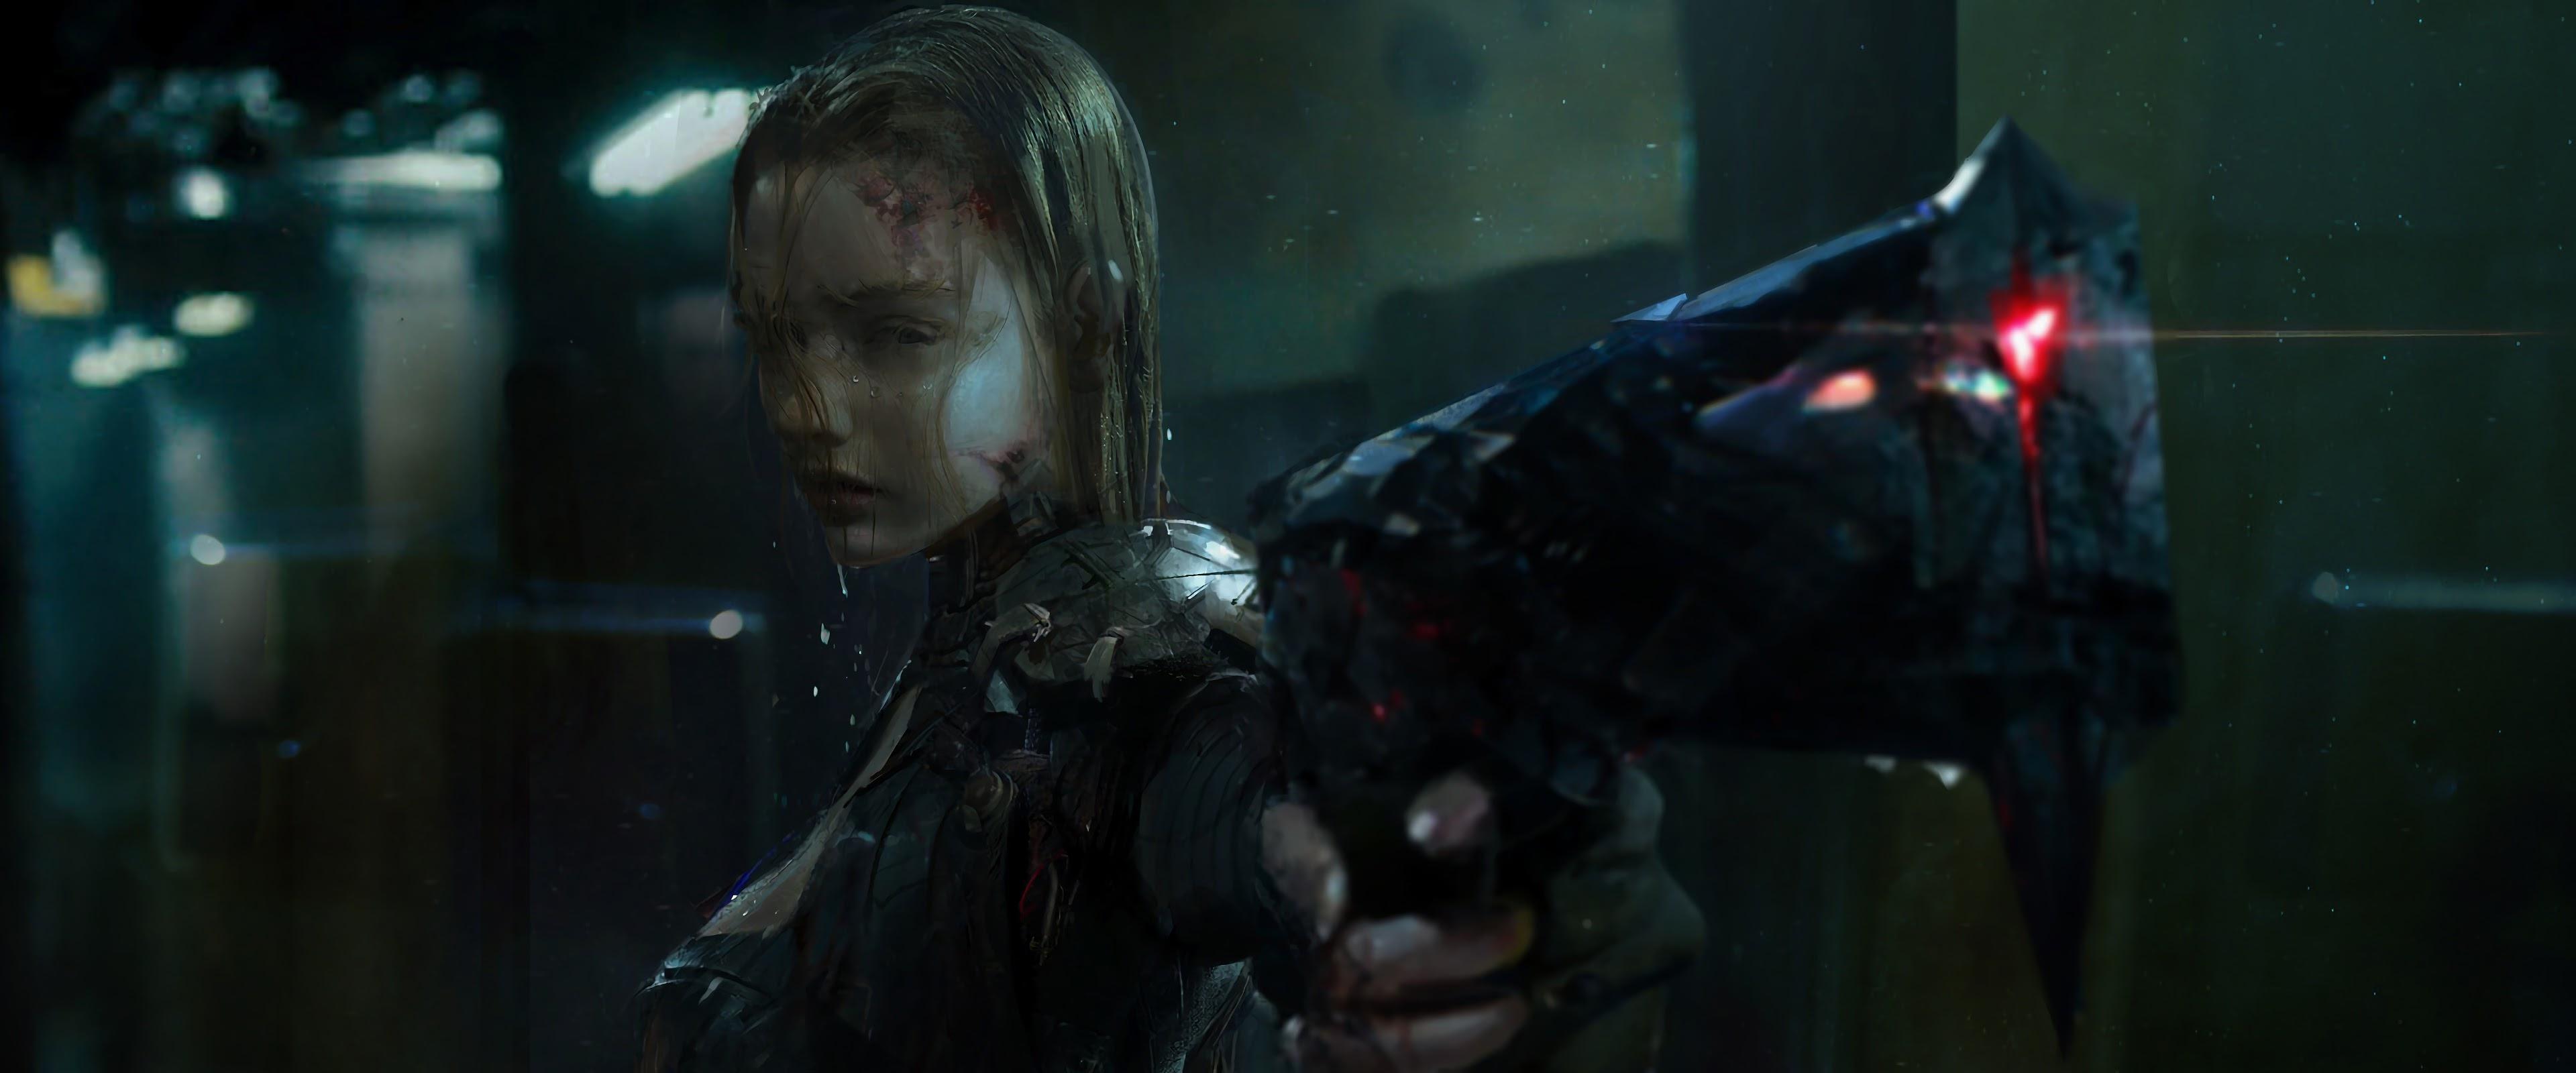 Cyberpunk Girl Pistol Sci Fi 4k Wallpaper 100